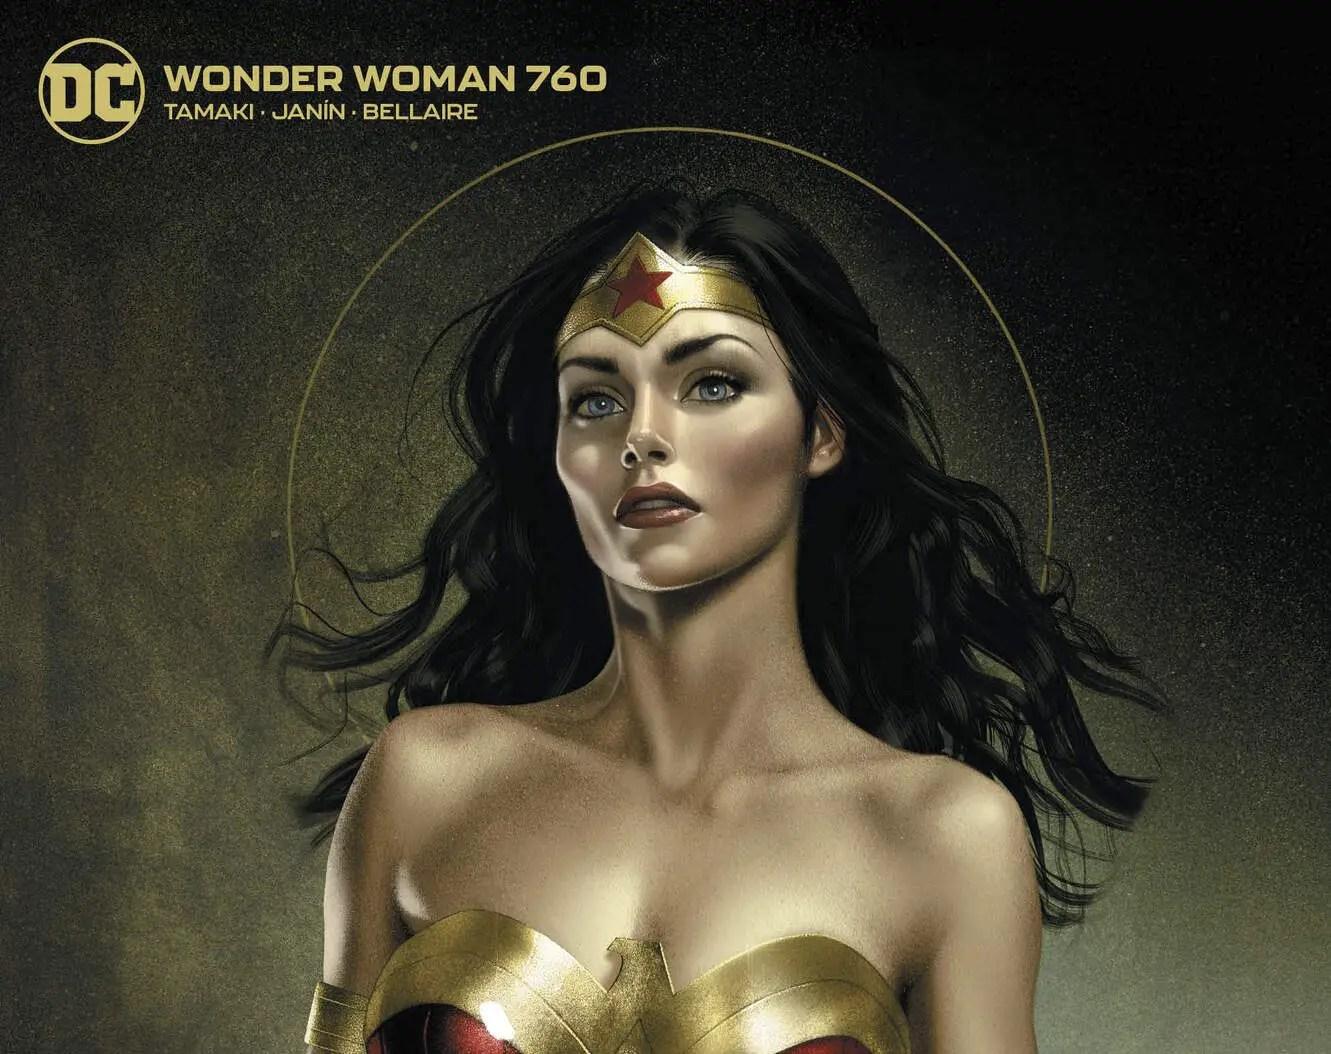 Wonder Woman #760